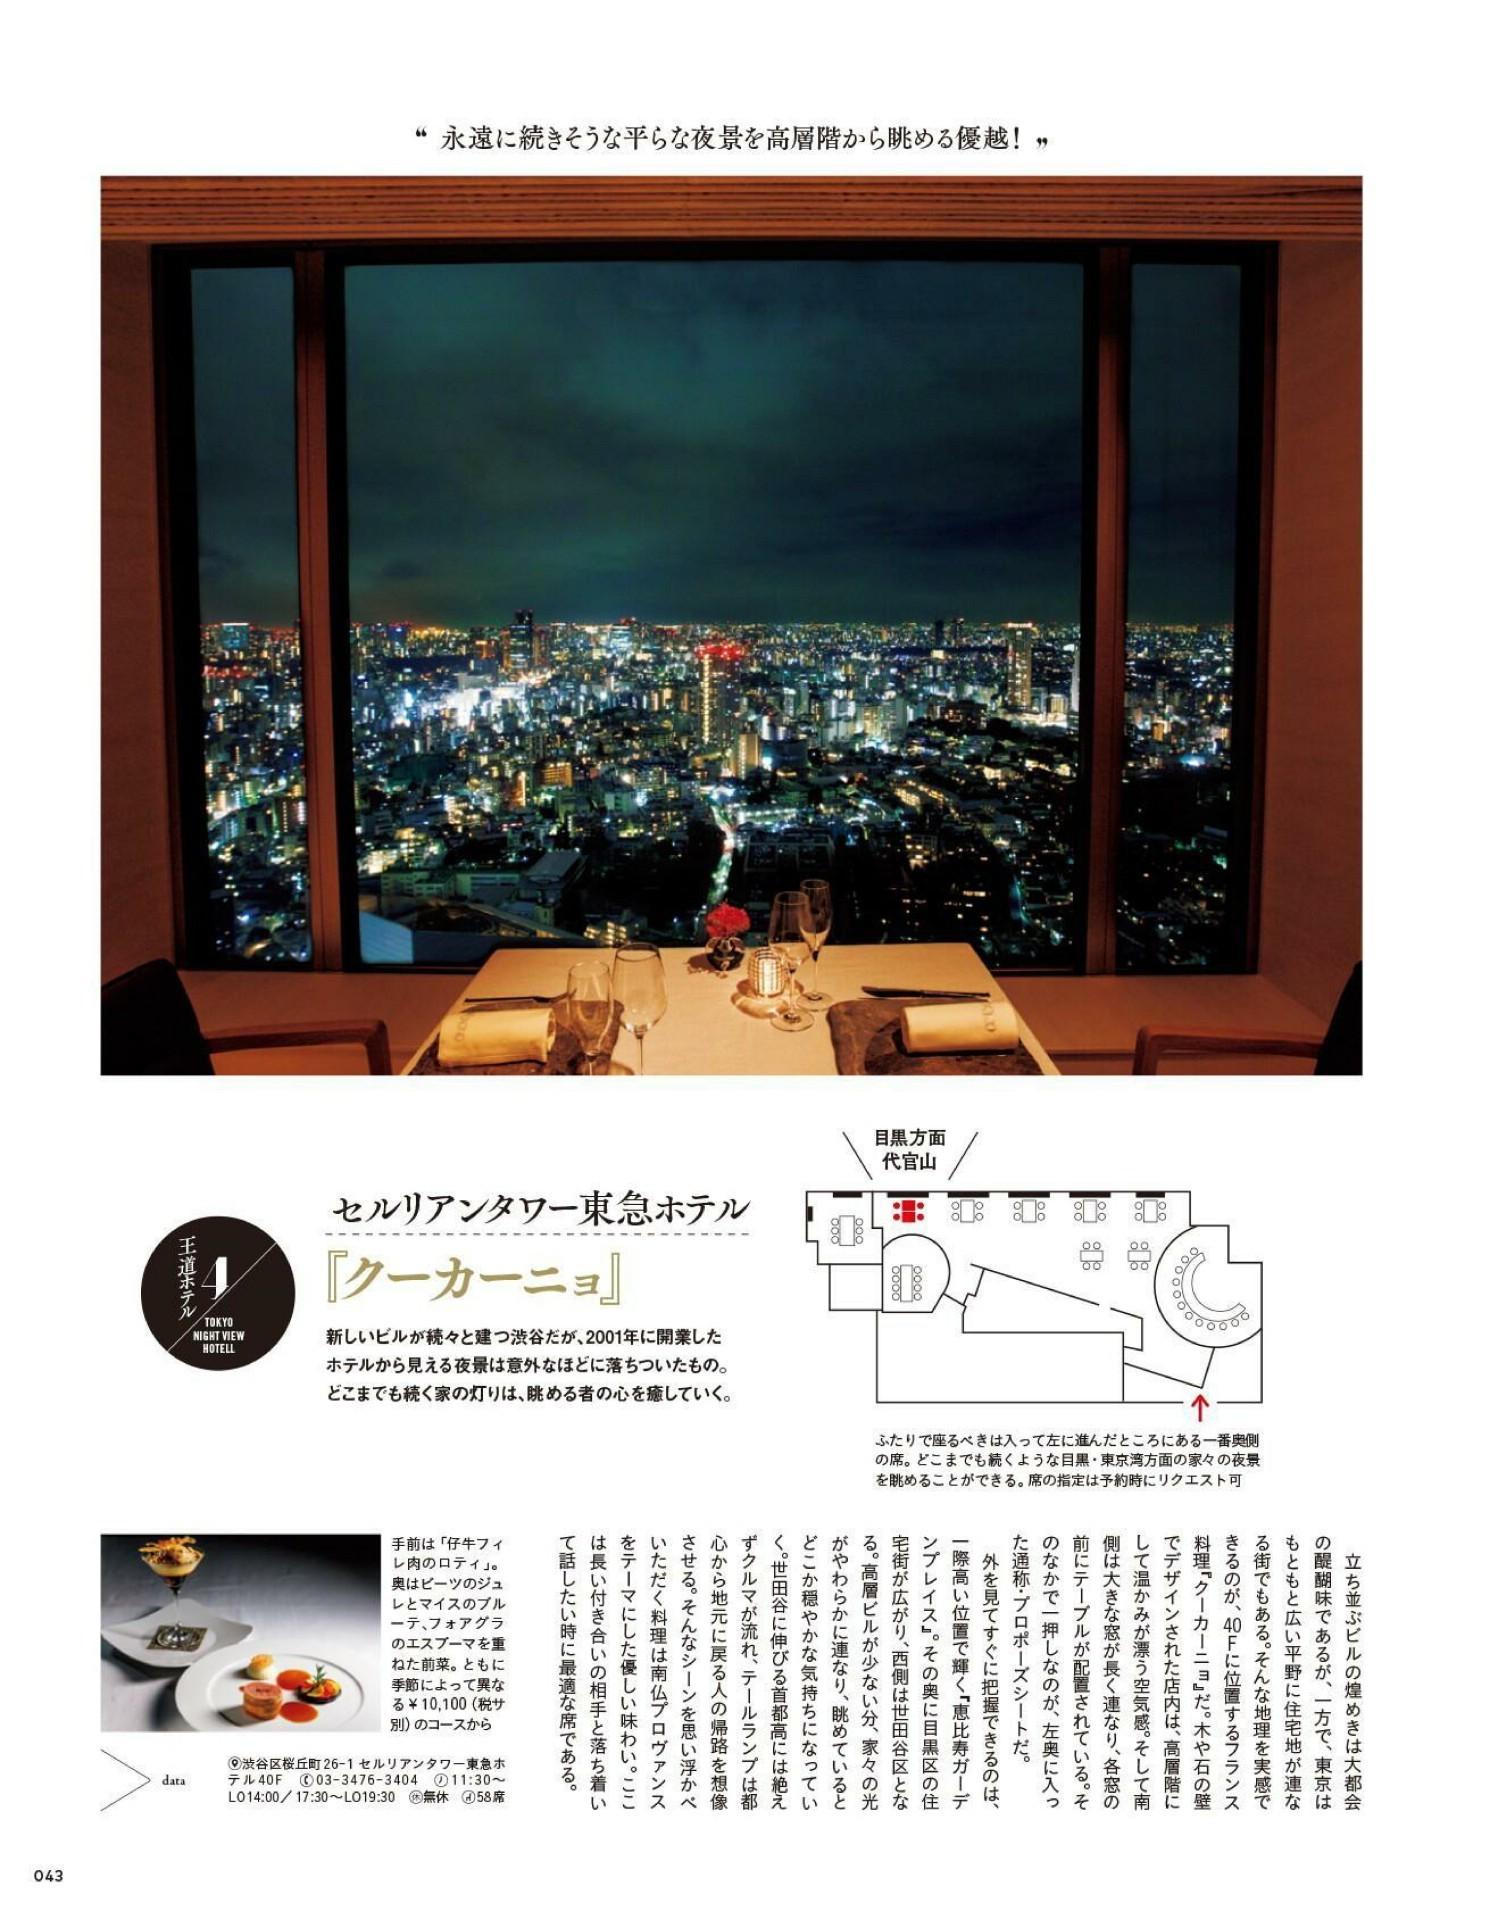 Tokyo Calendar 2020-09_imgs-0043